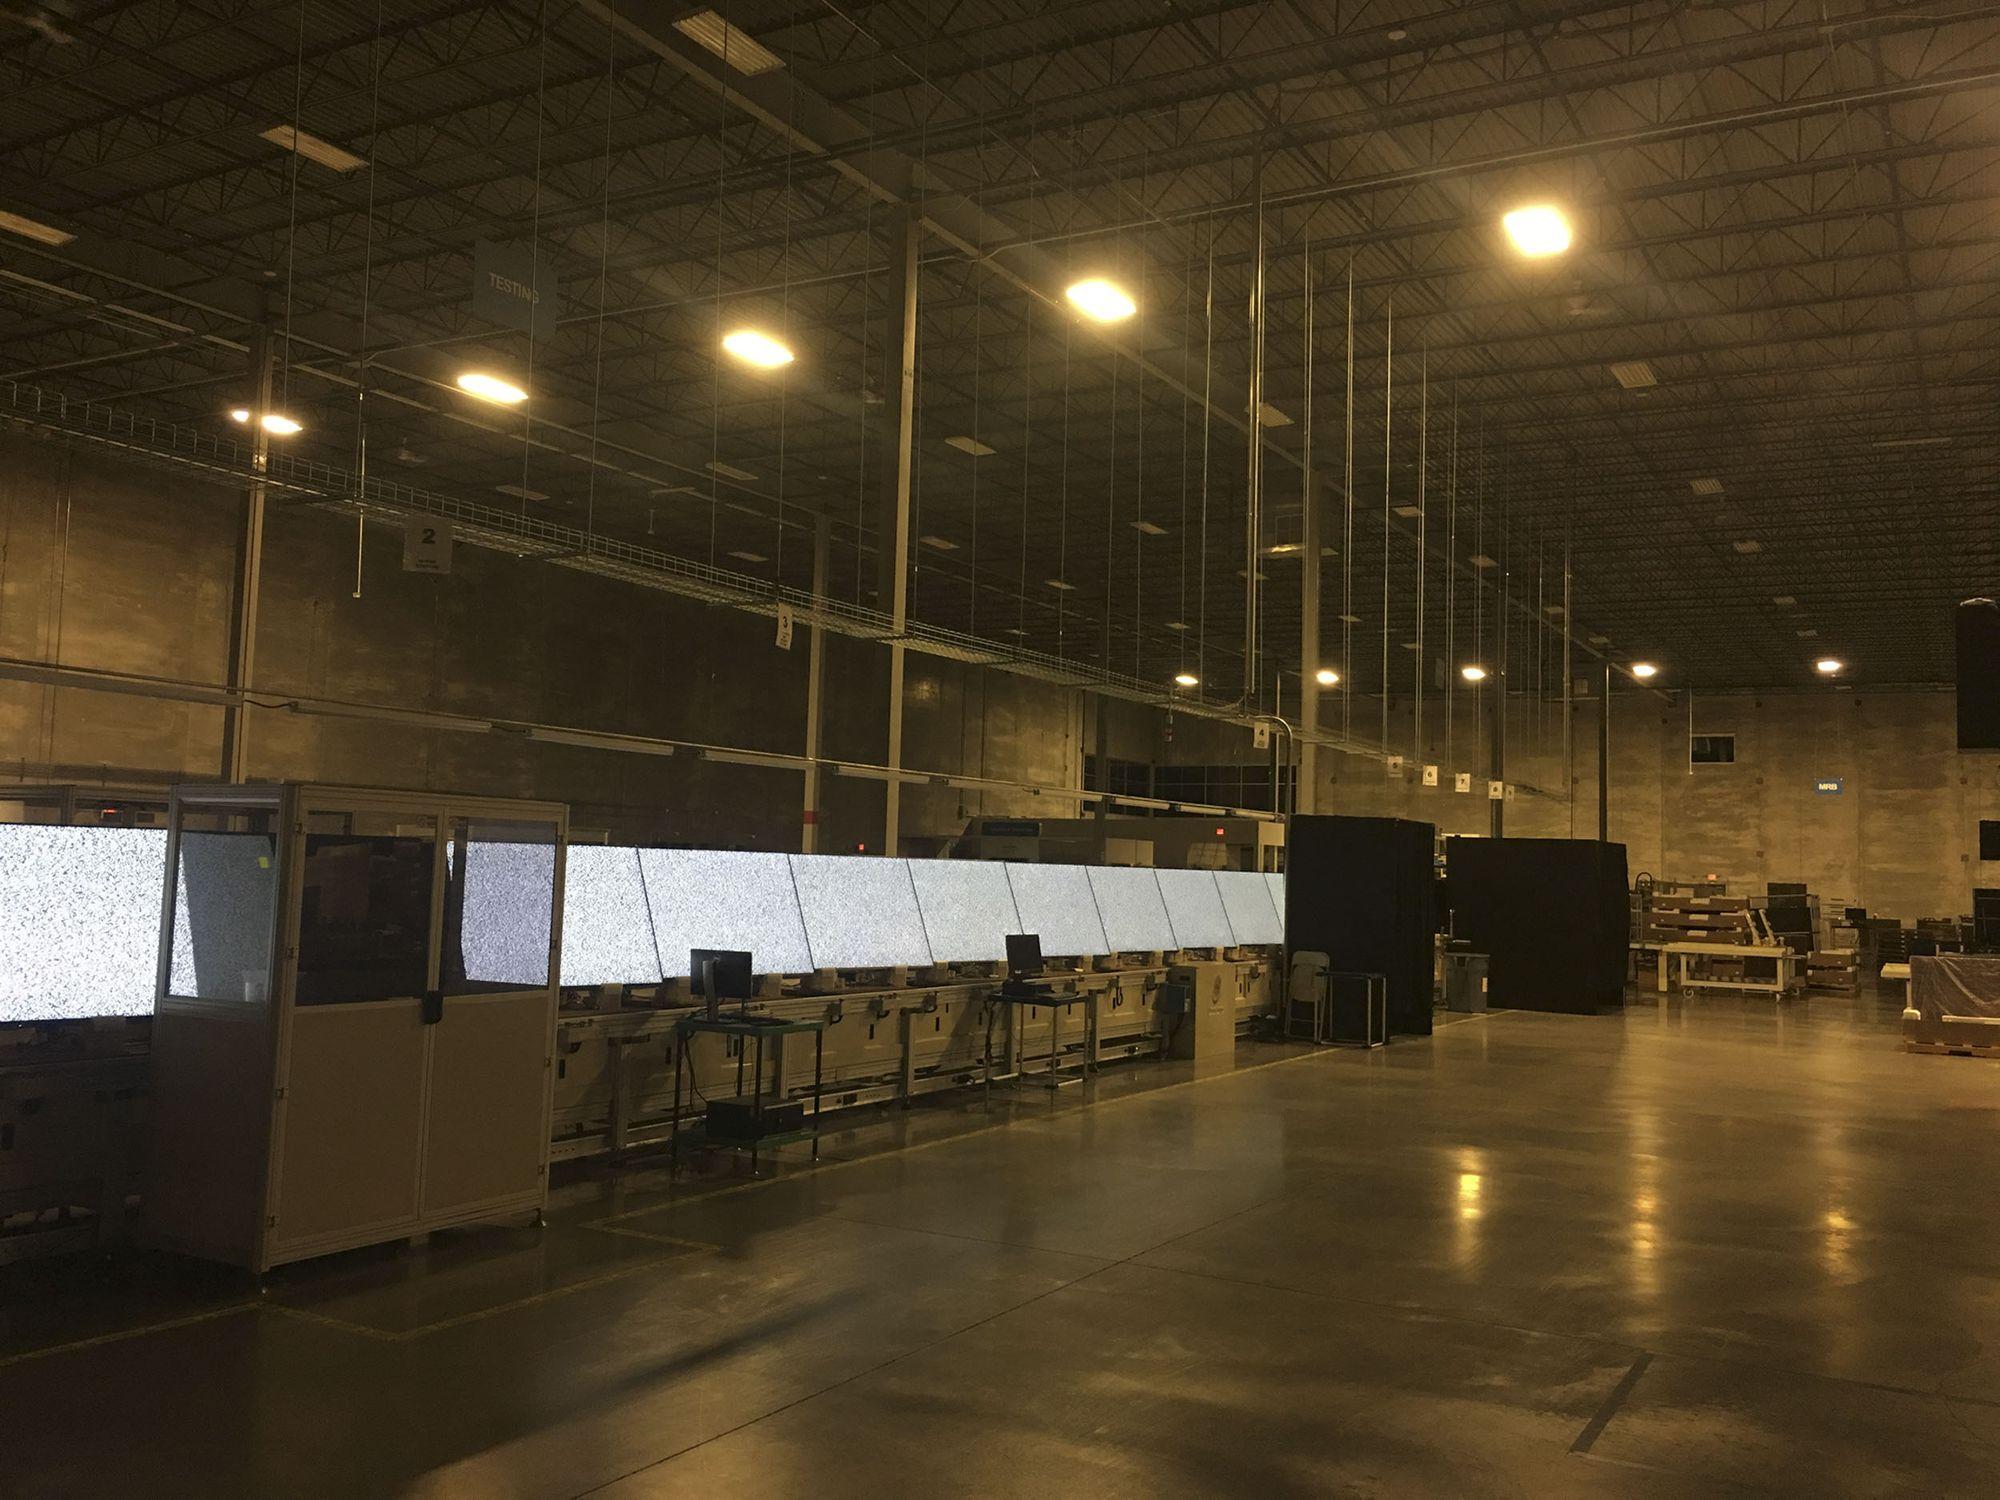 富士康位于芒特普莱桑的实验培训中心内有一条生产线,主要生产液晶电视。